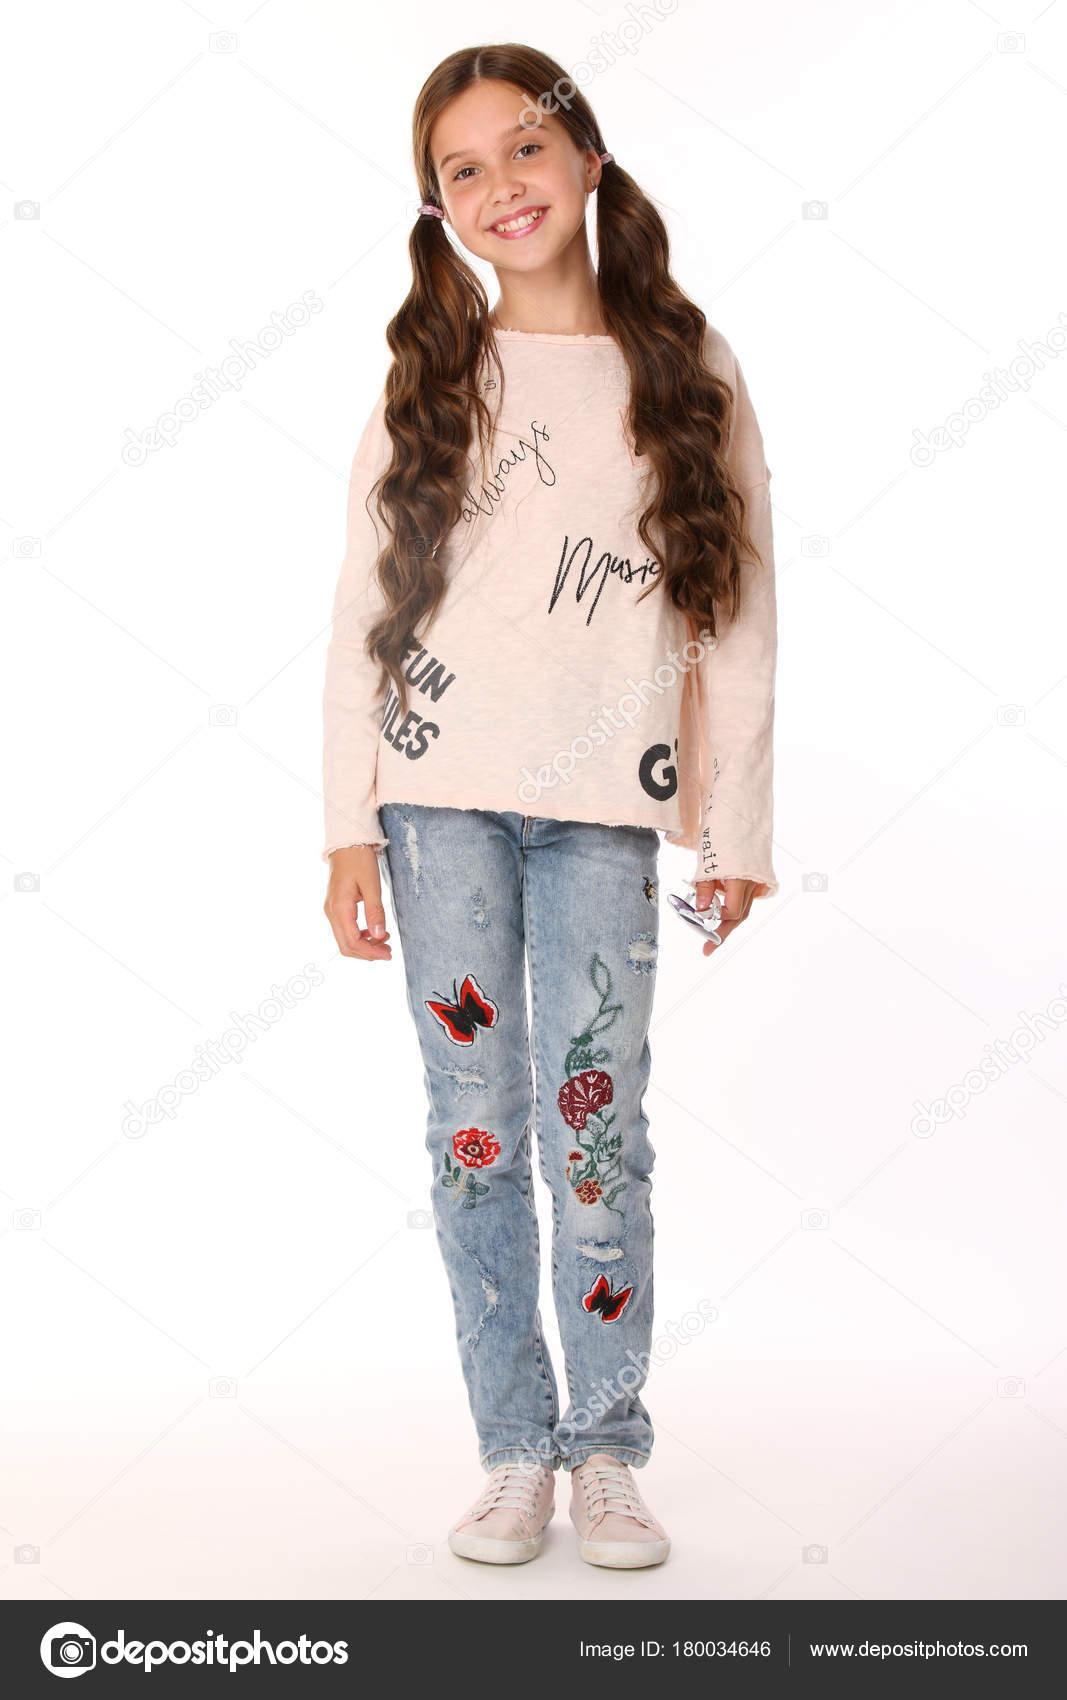 870ea05a Ganska Vacker Glad Brunett Ung Tonåring Flicka Blå Jeans Den– stockbild